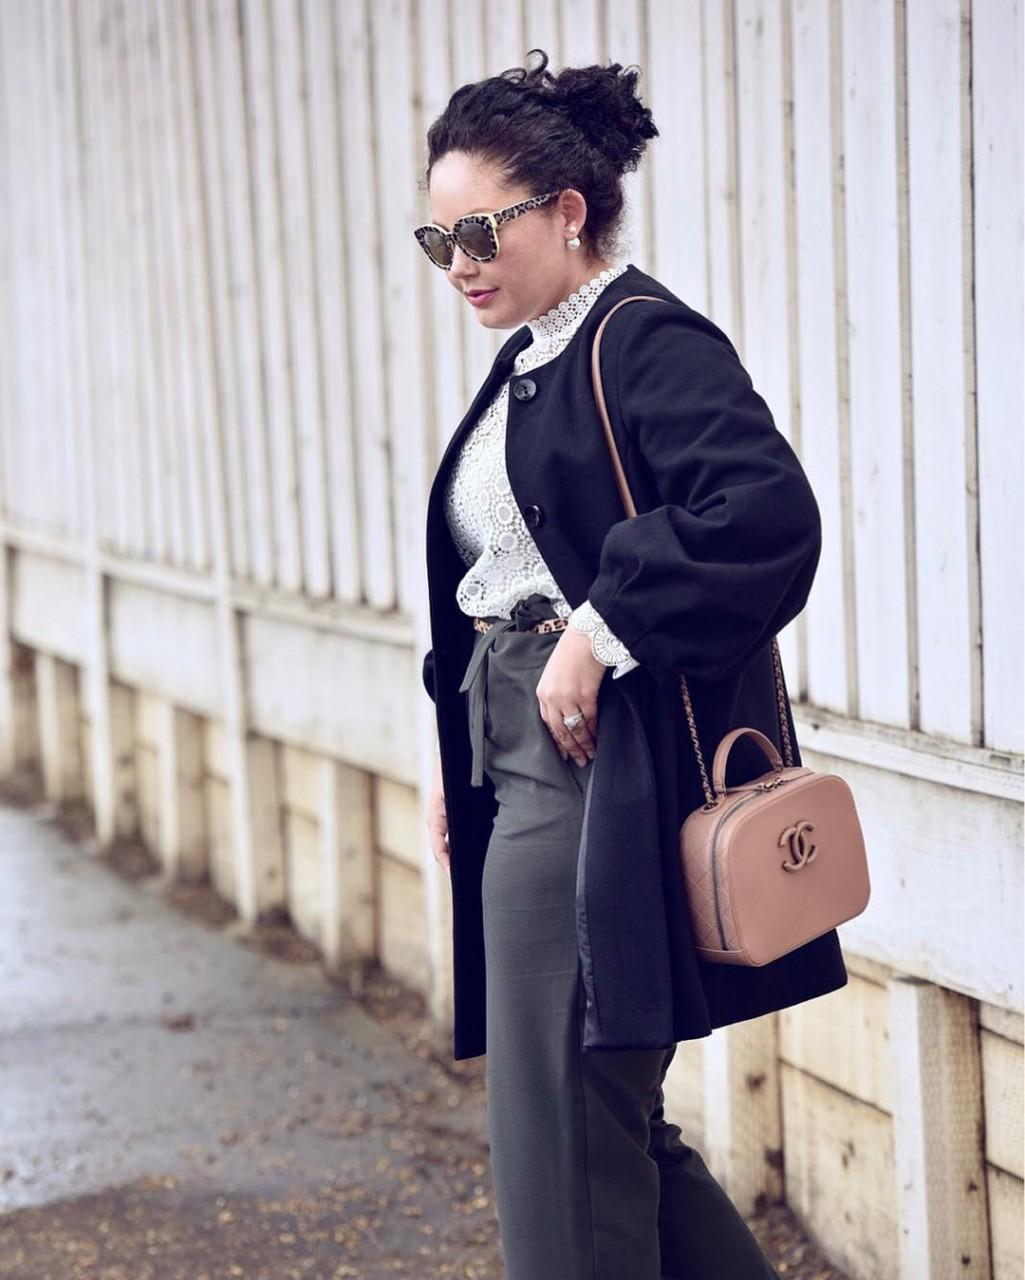 Пальто для полных: как подобрать стильную модель на полную фигуру?